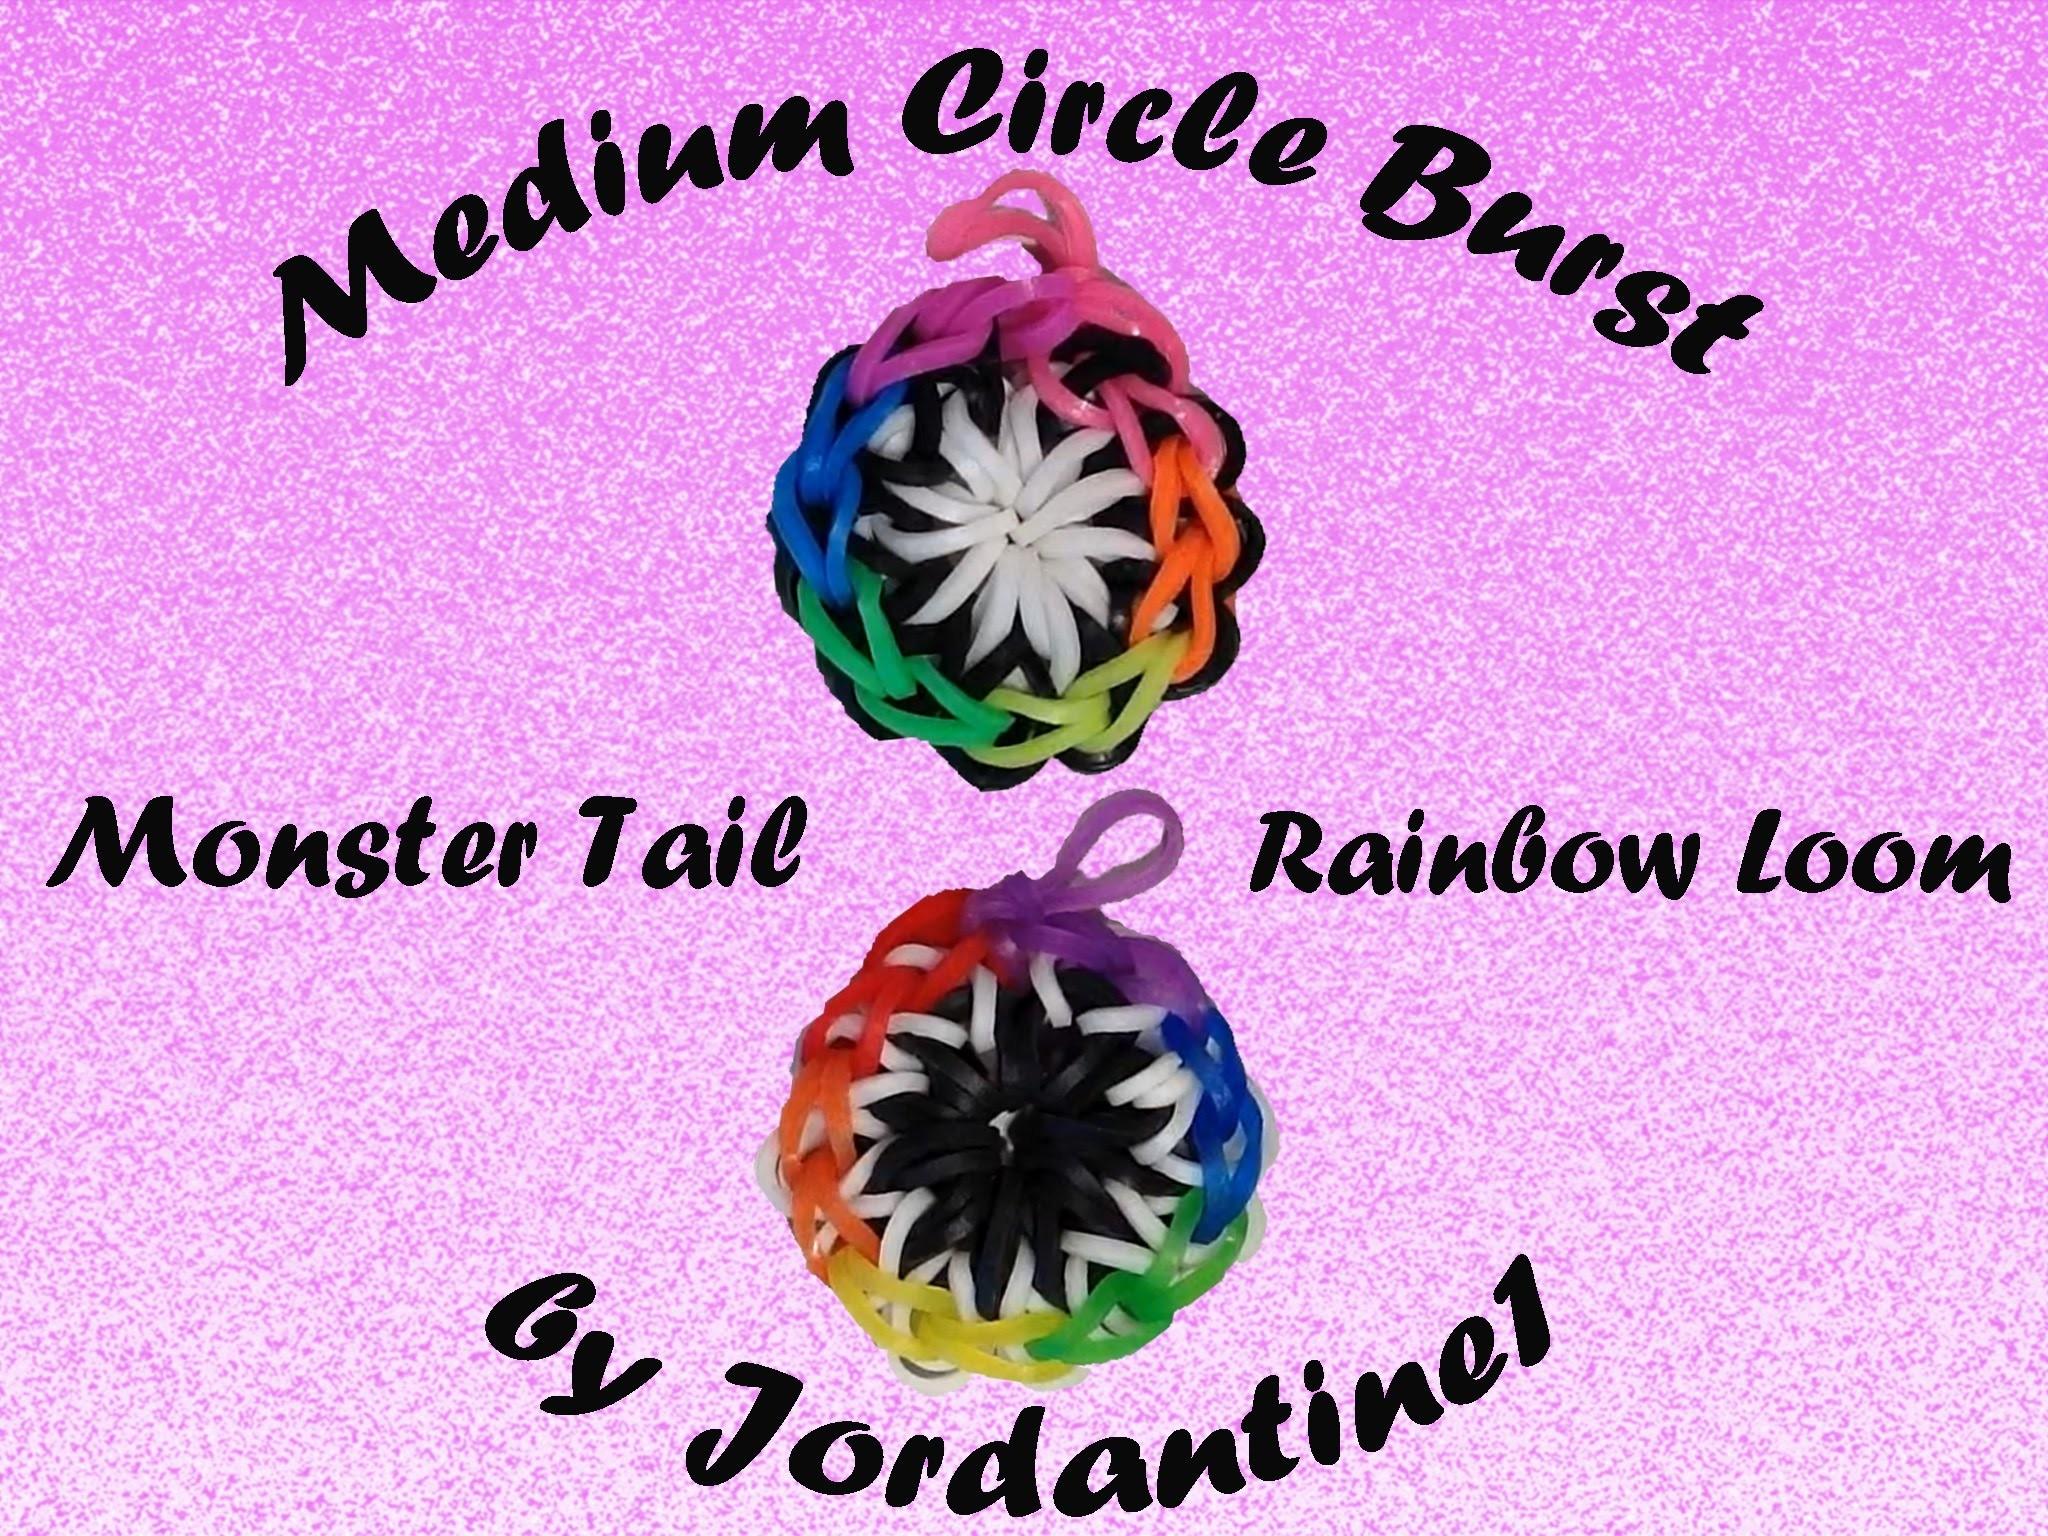 New Medium Circle Burst Charm - Monster Tail or Rainbow Loom